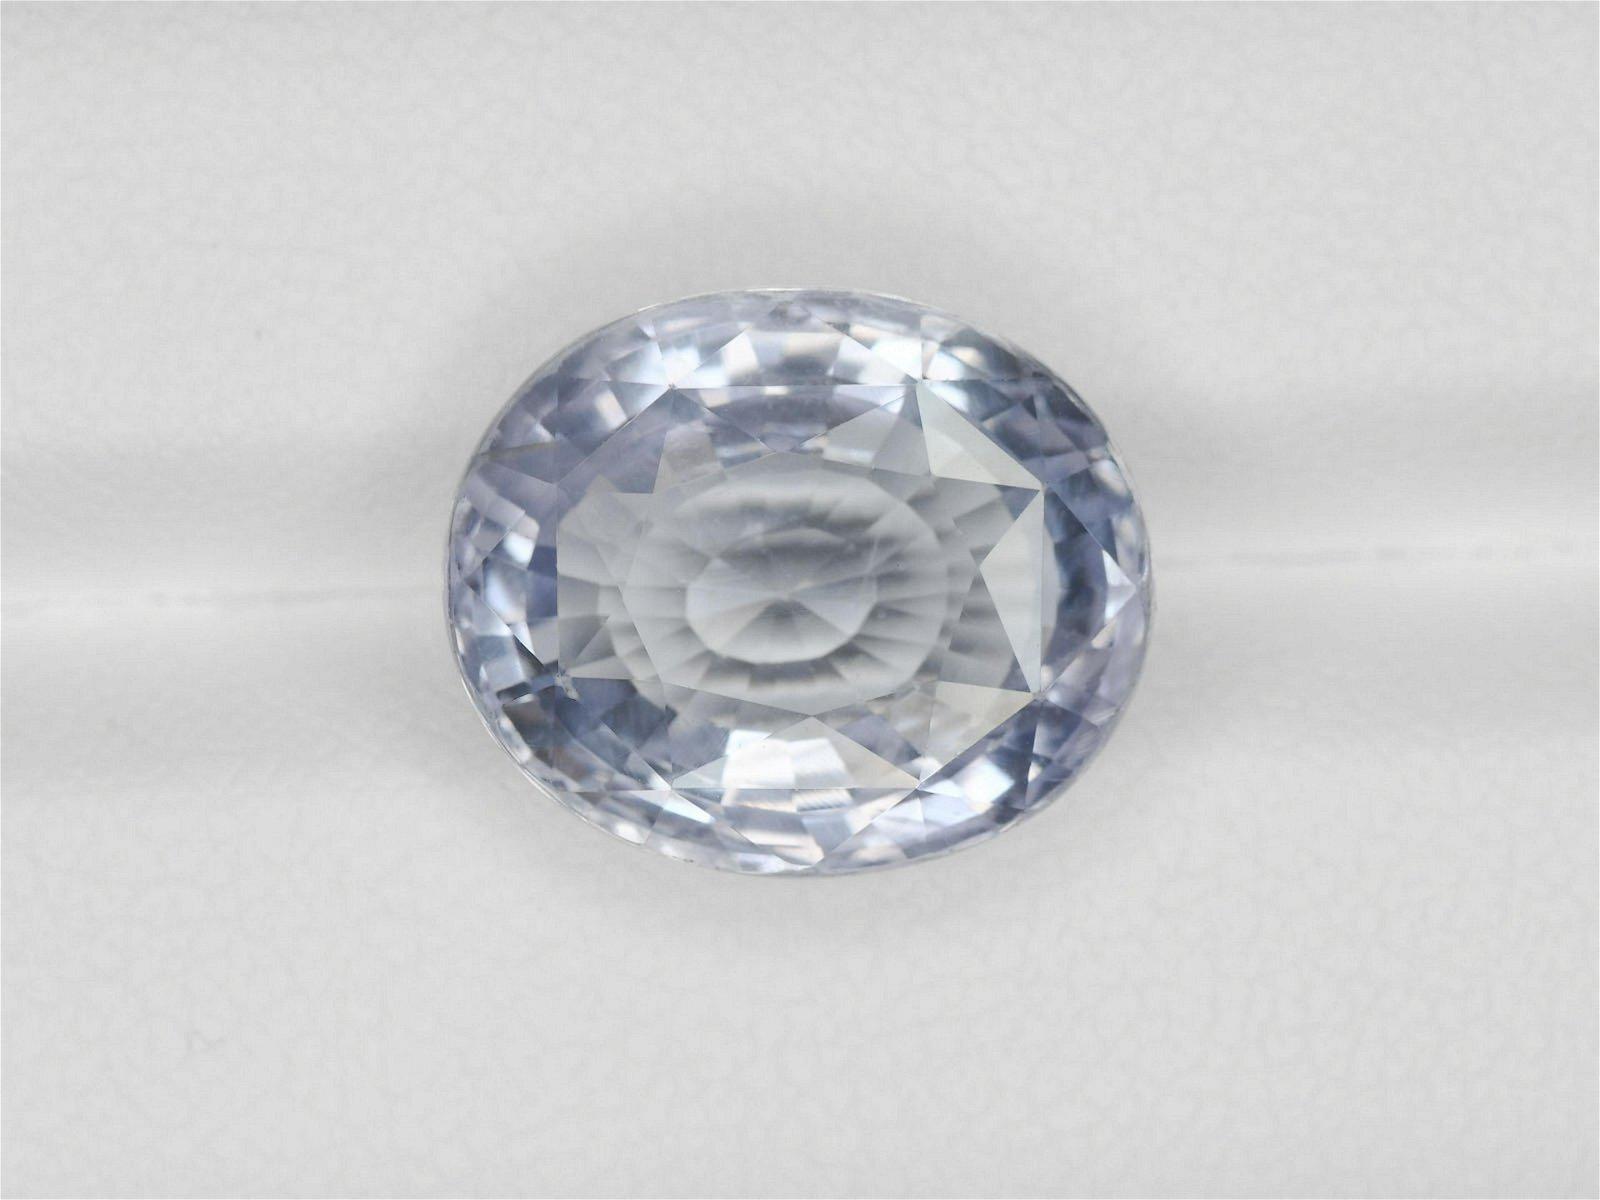 Blue Sapphire, 11.93ct, Mined in Sri Lanka, Certified